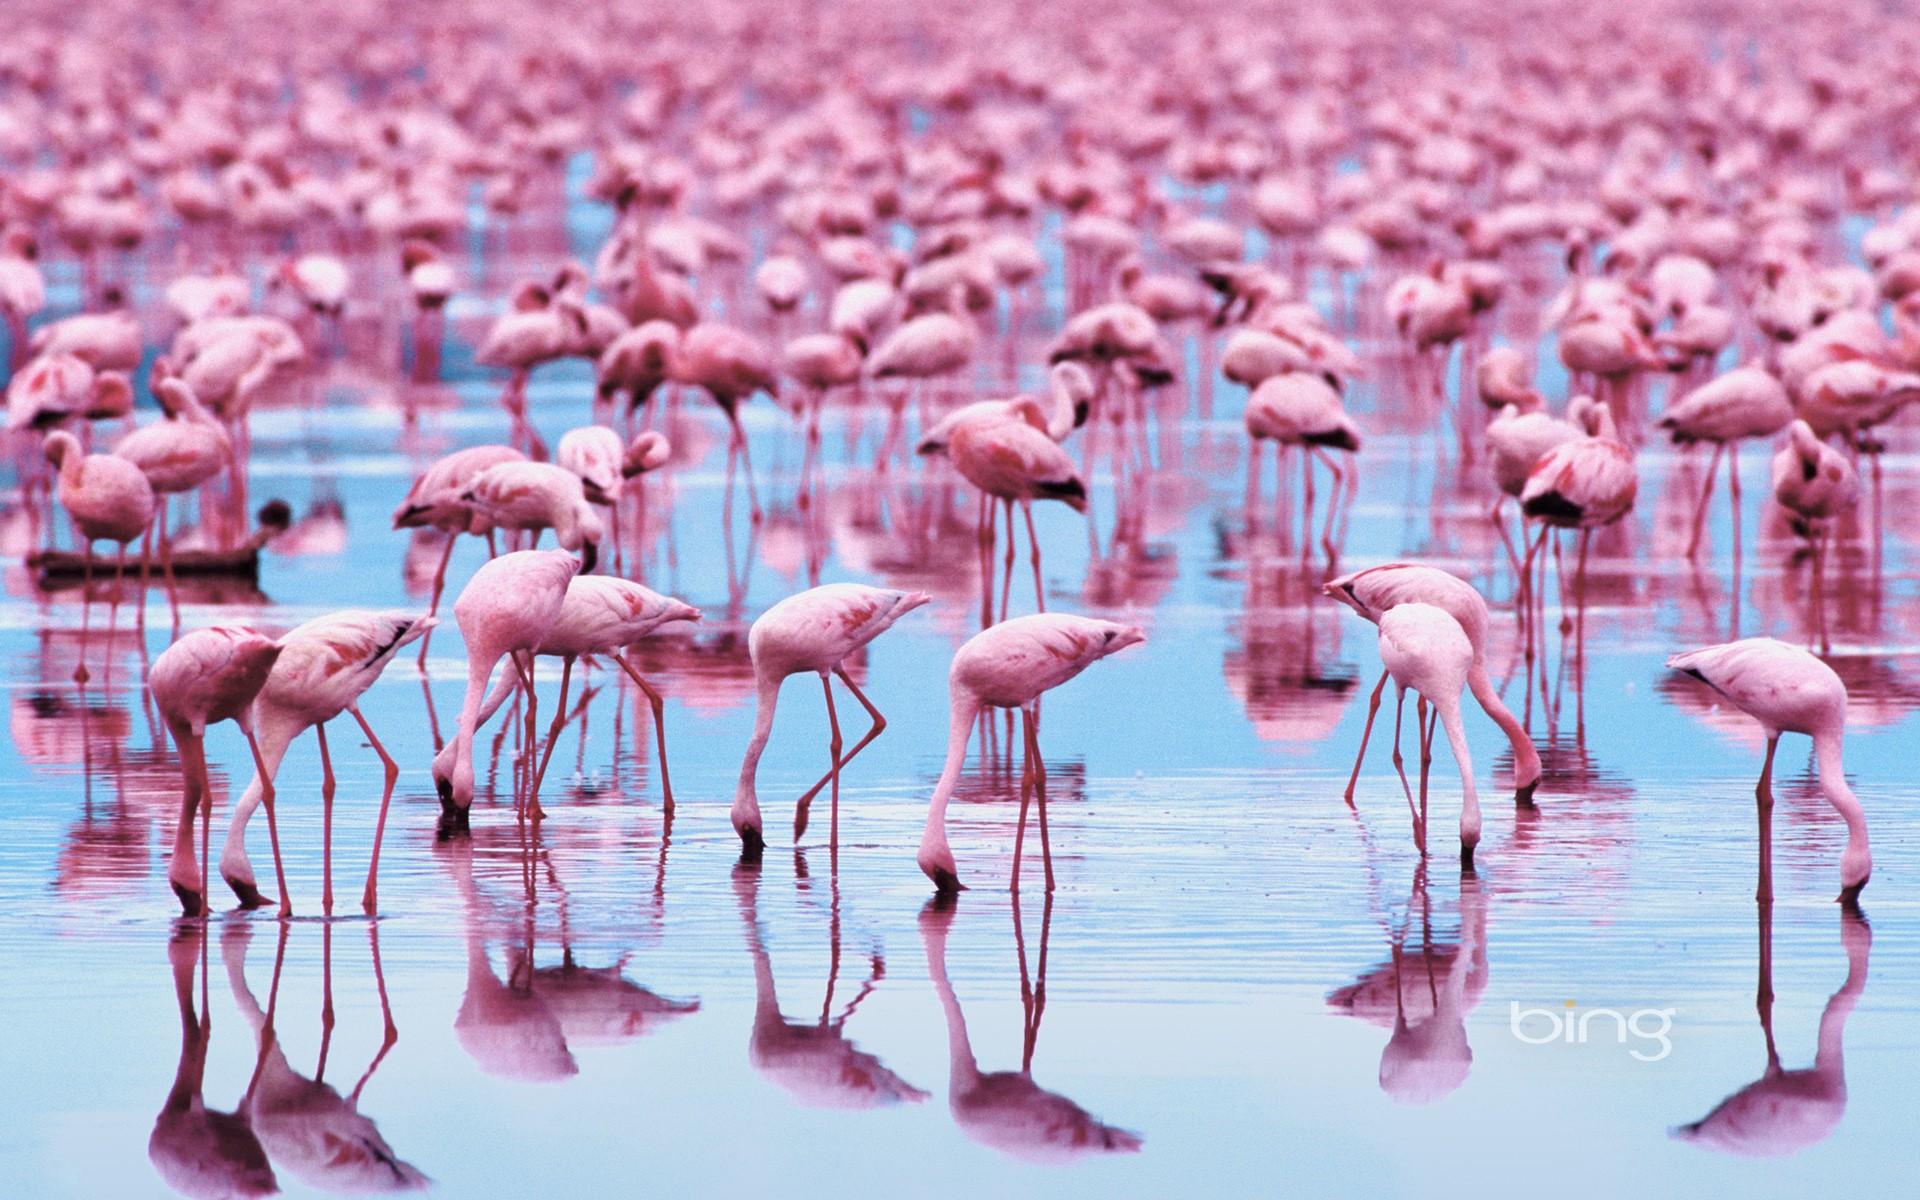 Wallpaper Ilustrasi Burung Burung Refleksi Flamingo Burung